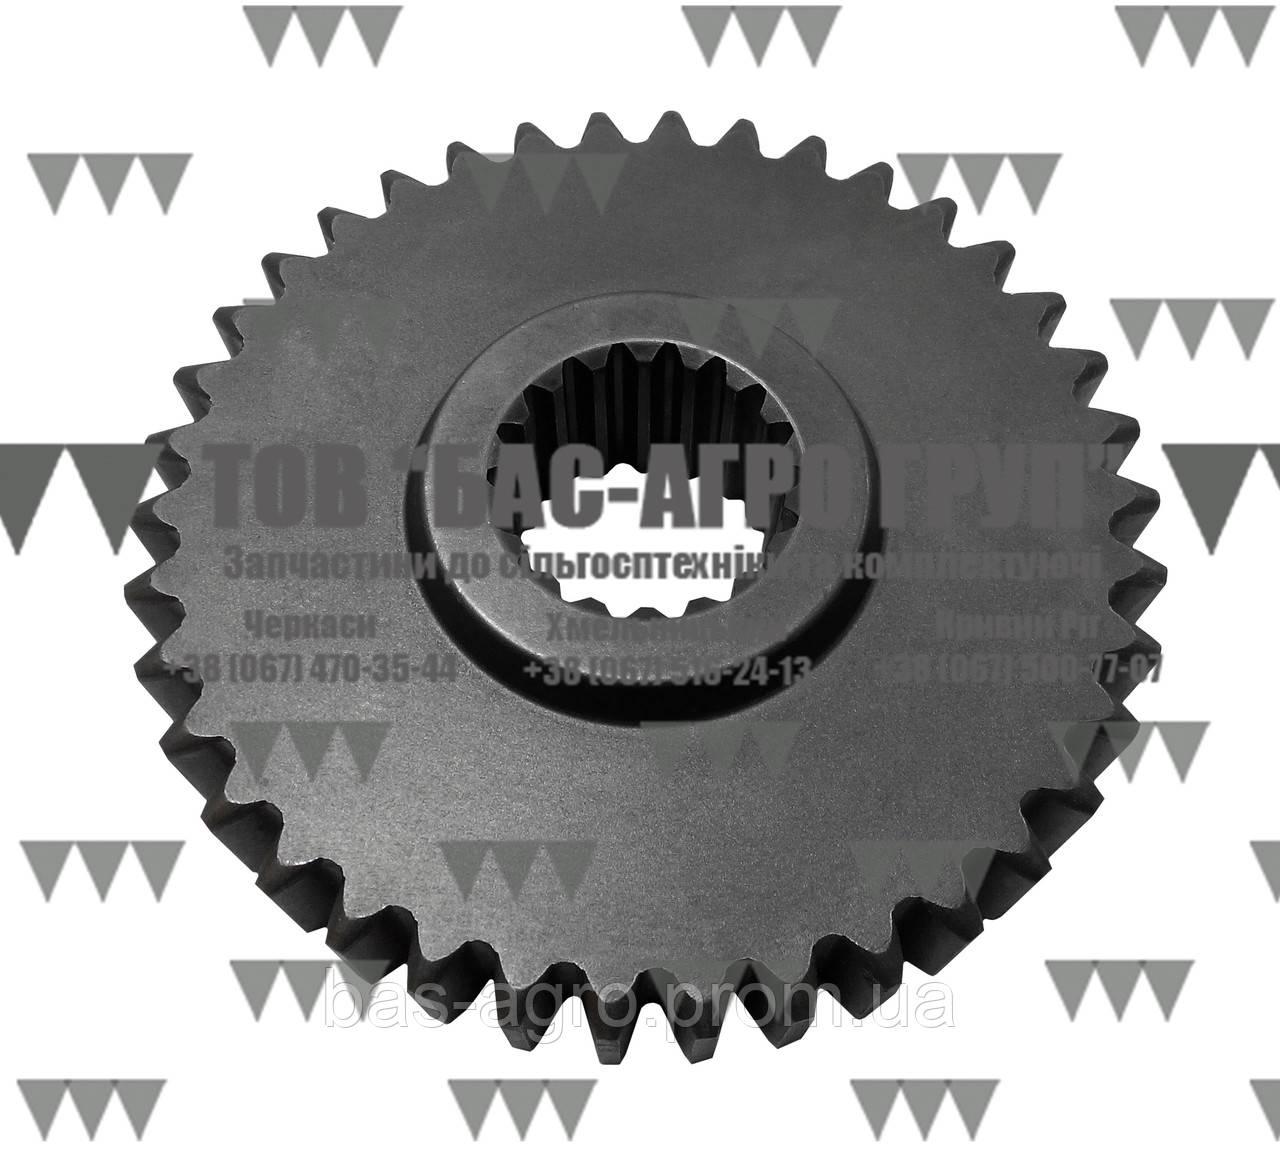 Шестерня редуктора Z-38 Oros 1.327.673 аналог